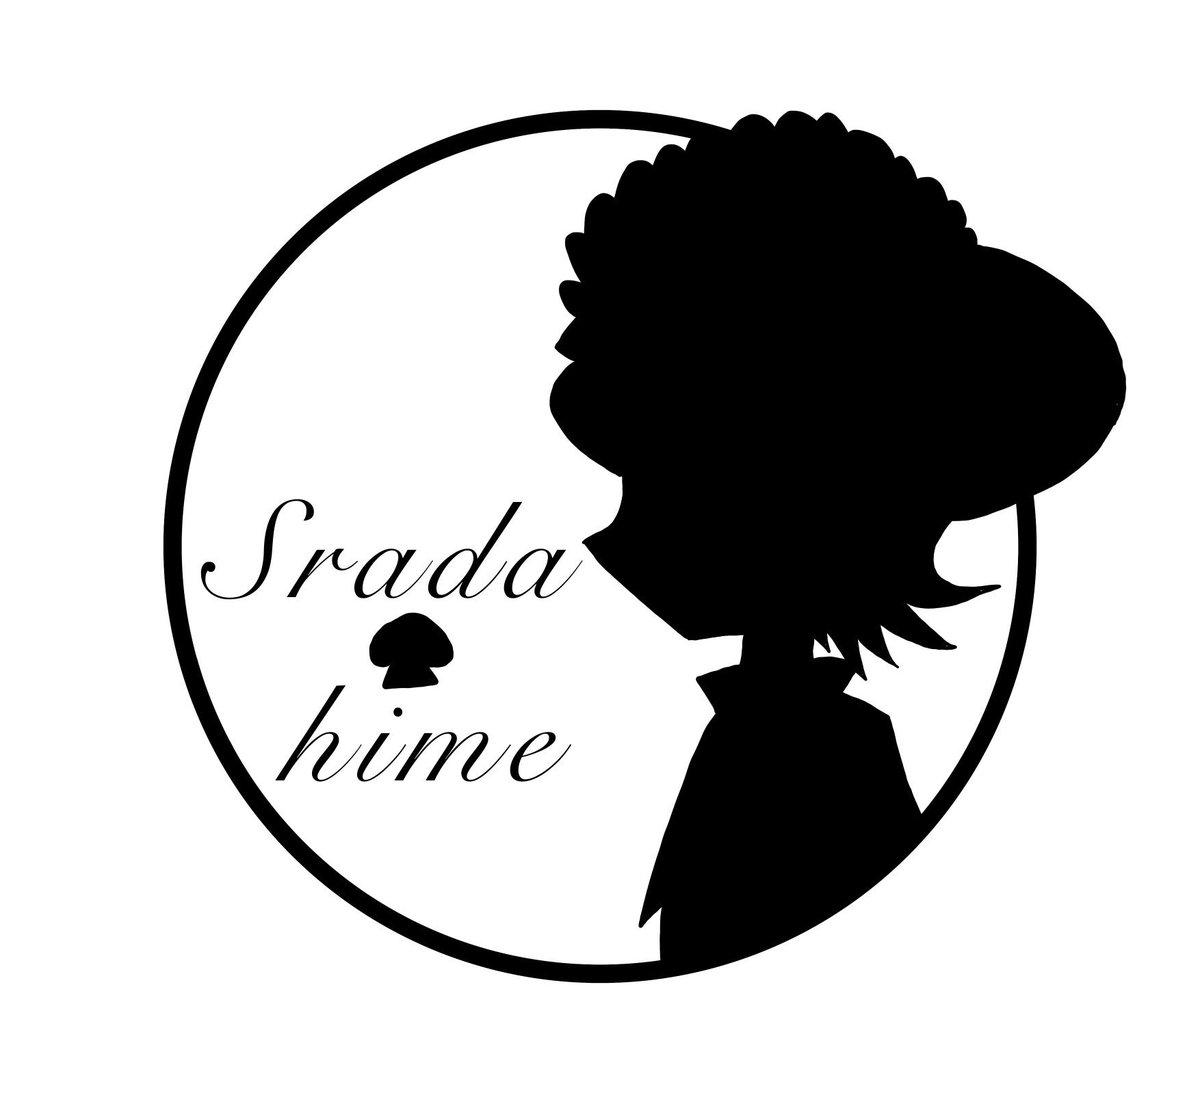 """岩田亜紀 on twitter: """"サラダ姫再登場記念として、シルエットイラストを"""